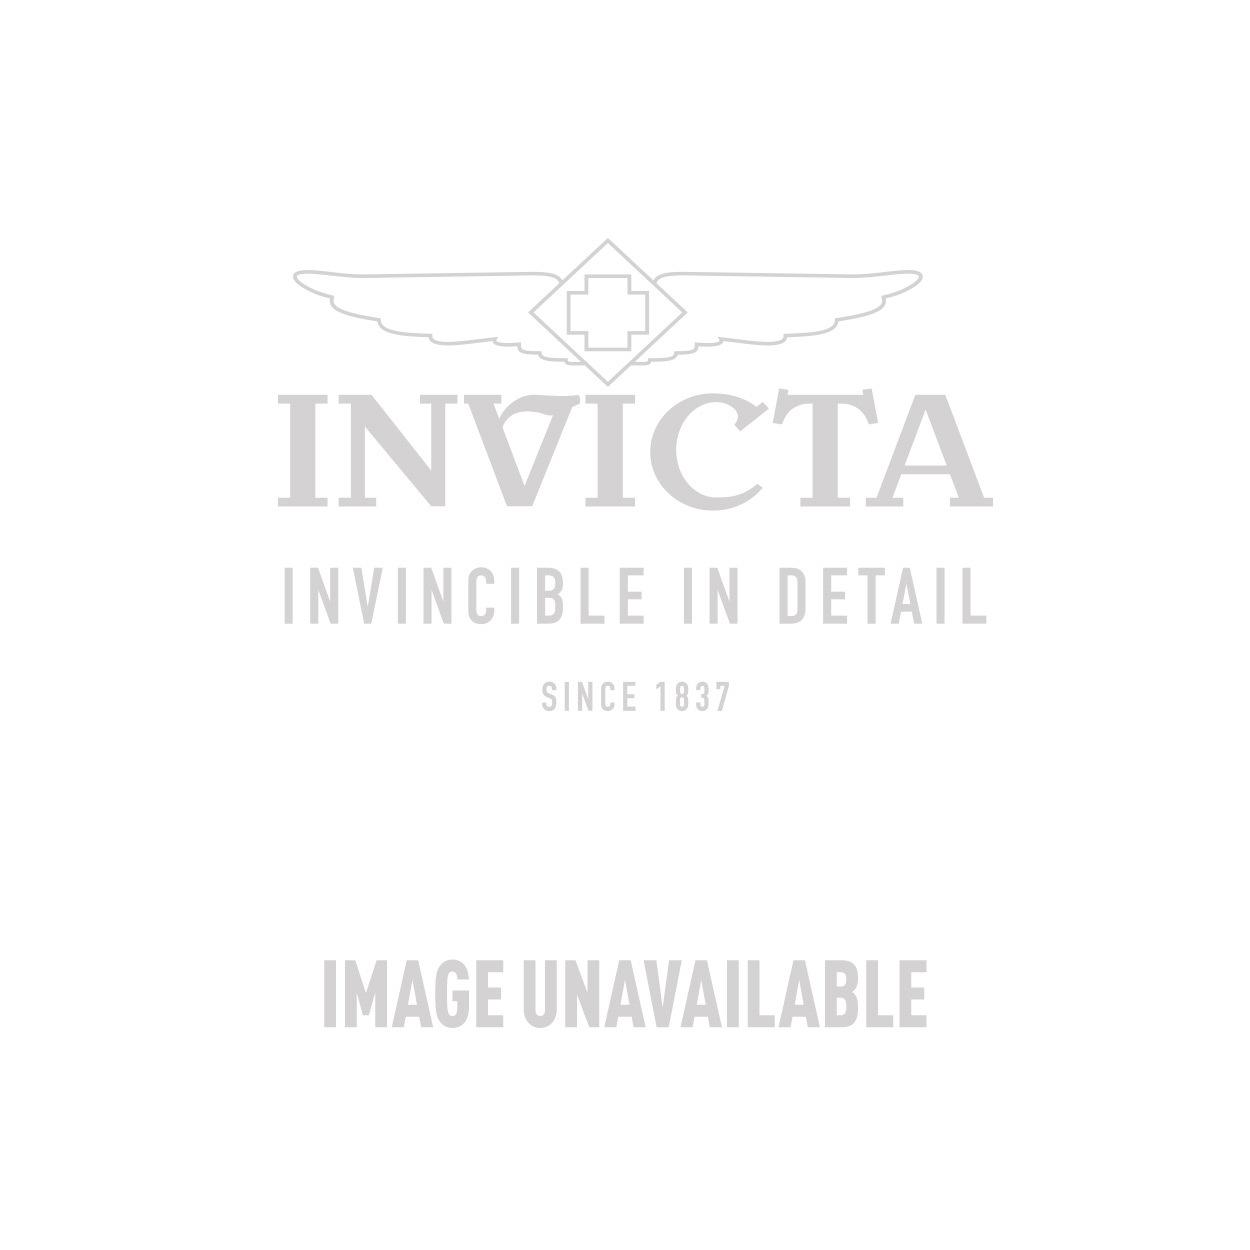 Invicta Model 25866